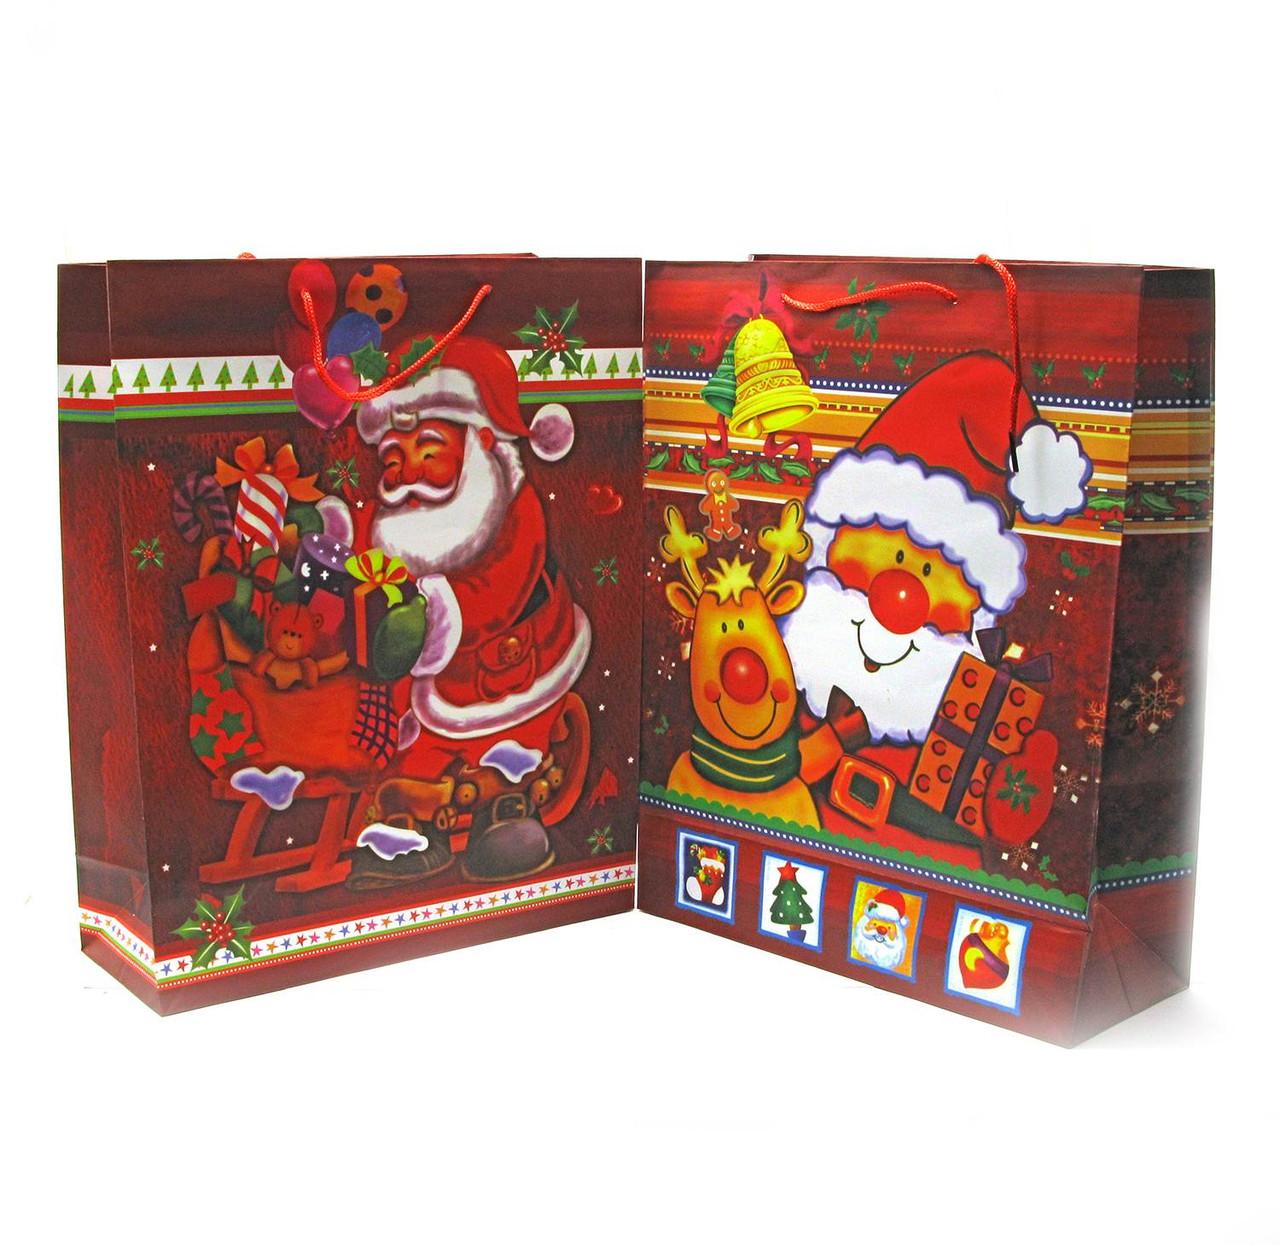 Огромный подарочный пакет Дед Мороз 12 шт. в 1 упаковке